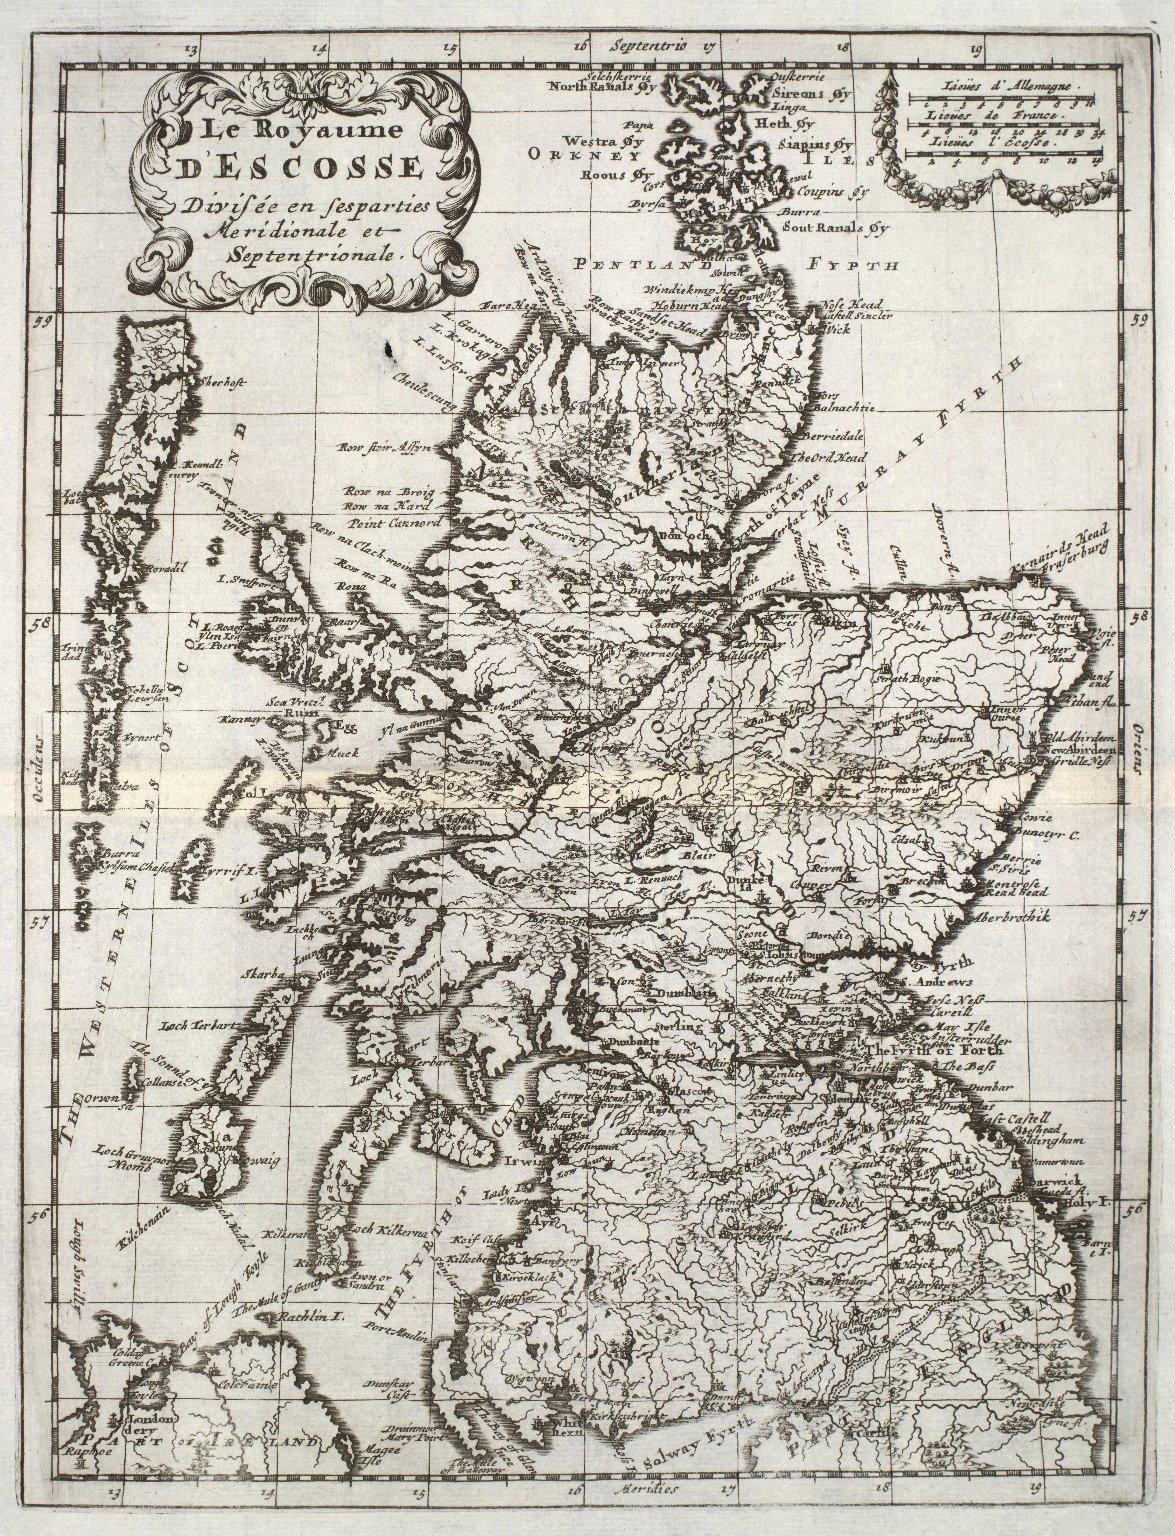 Le Royaume D' Escosse Divisèe en ses parties Meridionale et Septentrionale. [1 of 1]